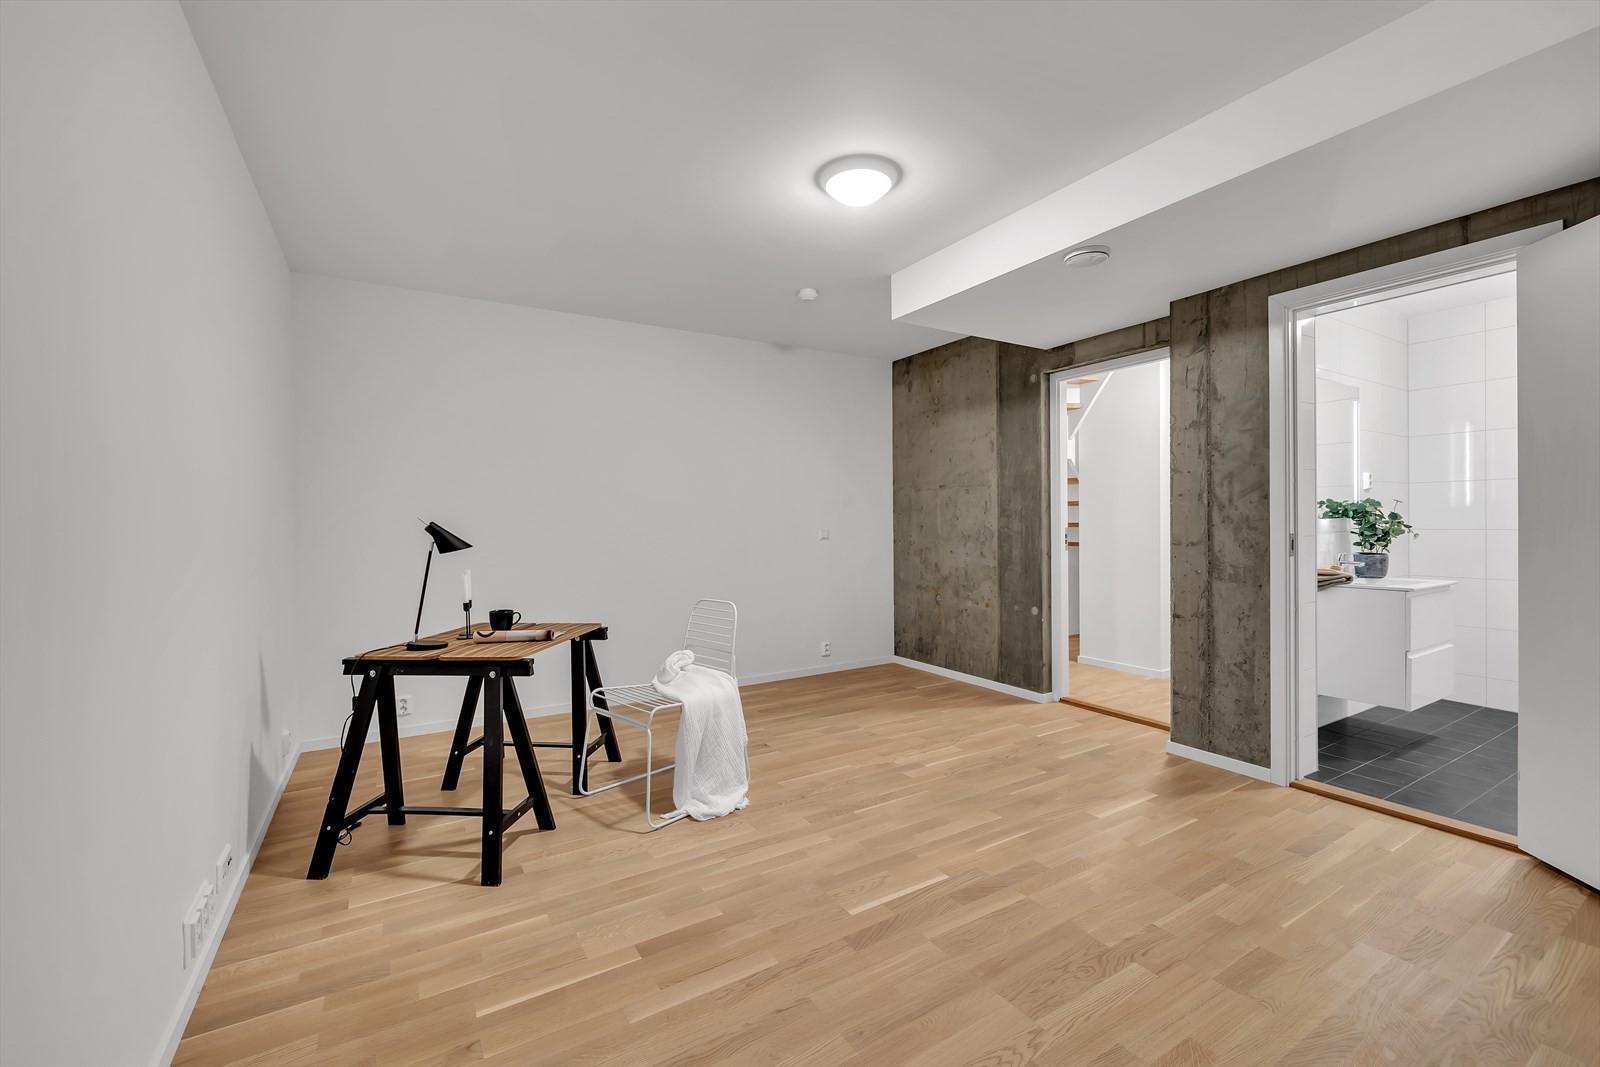 Stort opphodsrom eller master bedroom med eget bad. PS: Det er uttak til vann/avløp til hybelkjøkken.